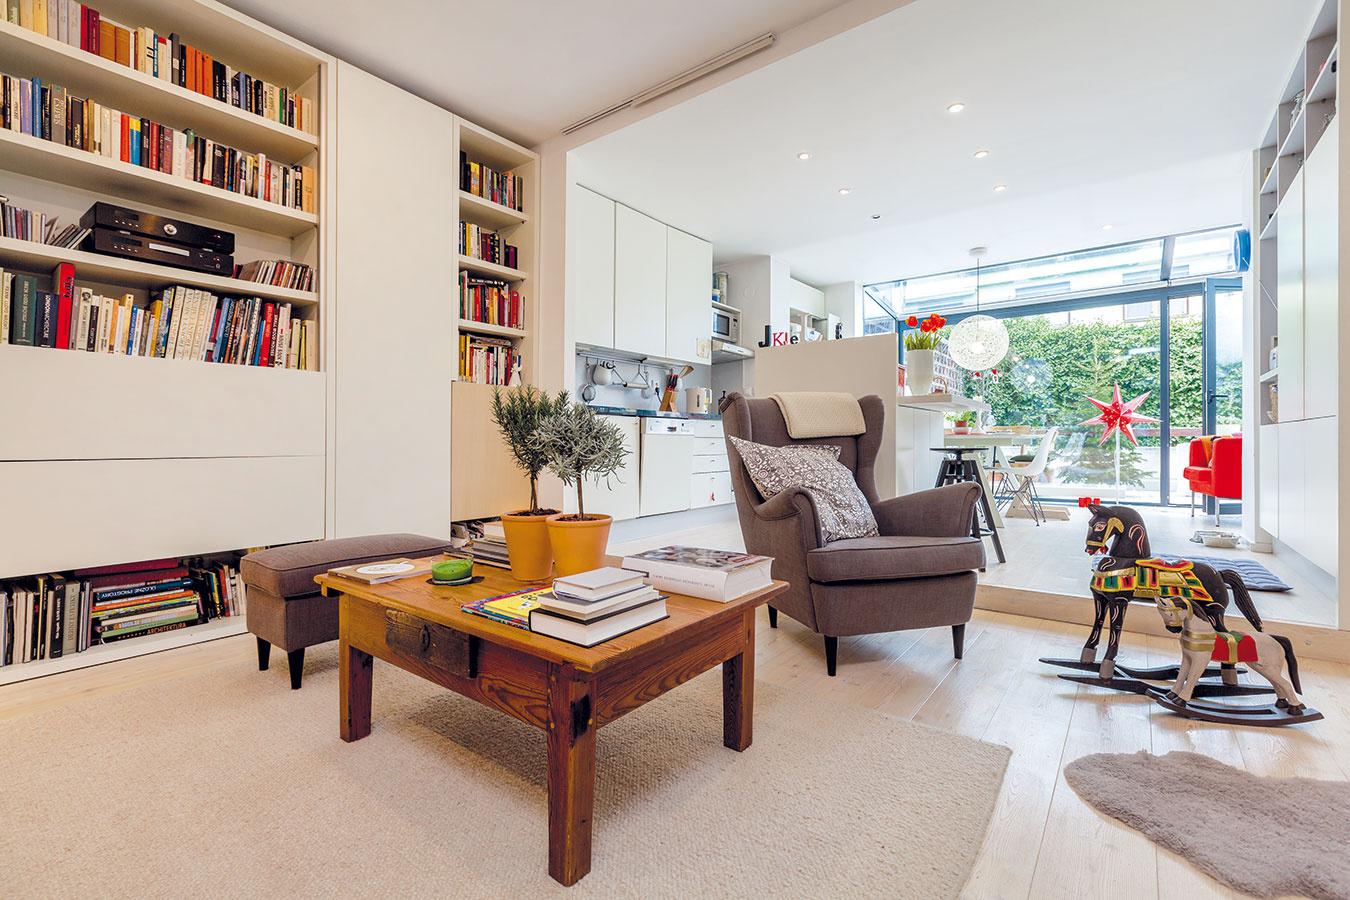 Veľkorysá denná časť prepája obývaciu izbu skuchyňou ajedálenskou časťou, ktoré sú mierne vyvýšené. Aby sa priestor využil čo najfunkčnejšie, nábytok si nechali majitelia vyrobiť na mieru. Do prevažne bieleho interiéru vnášajú farebnosť doplnky aživot rodiny.